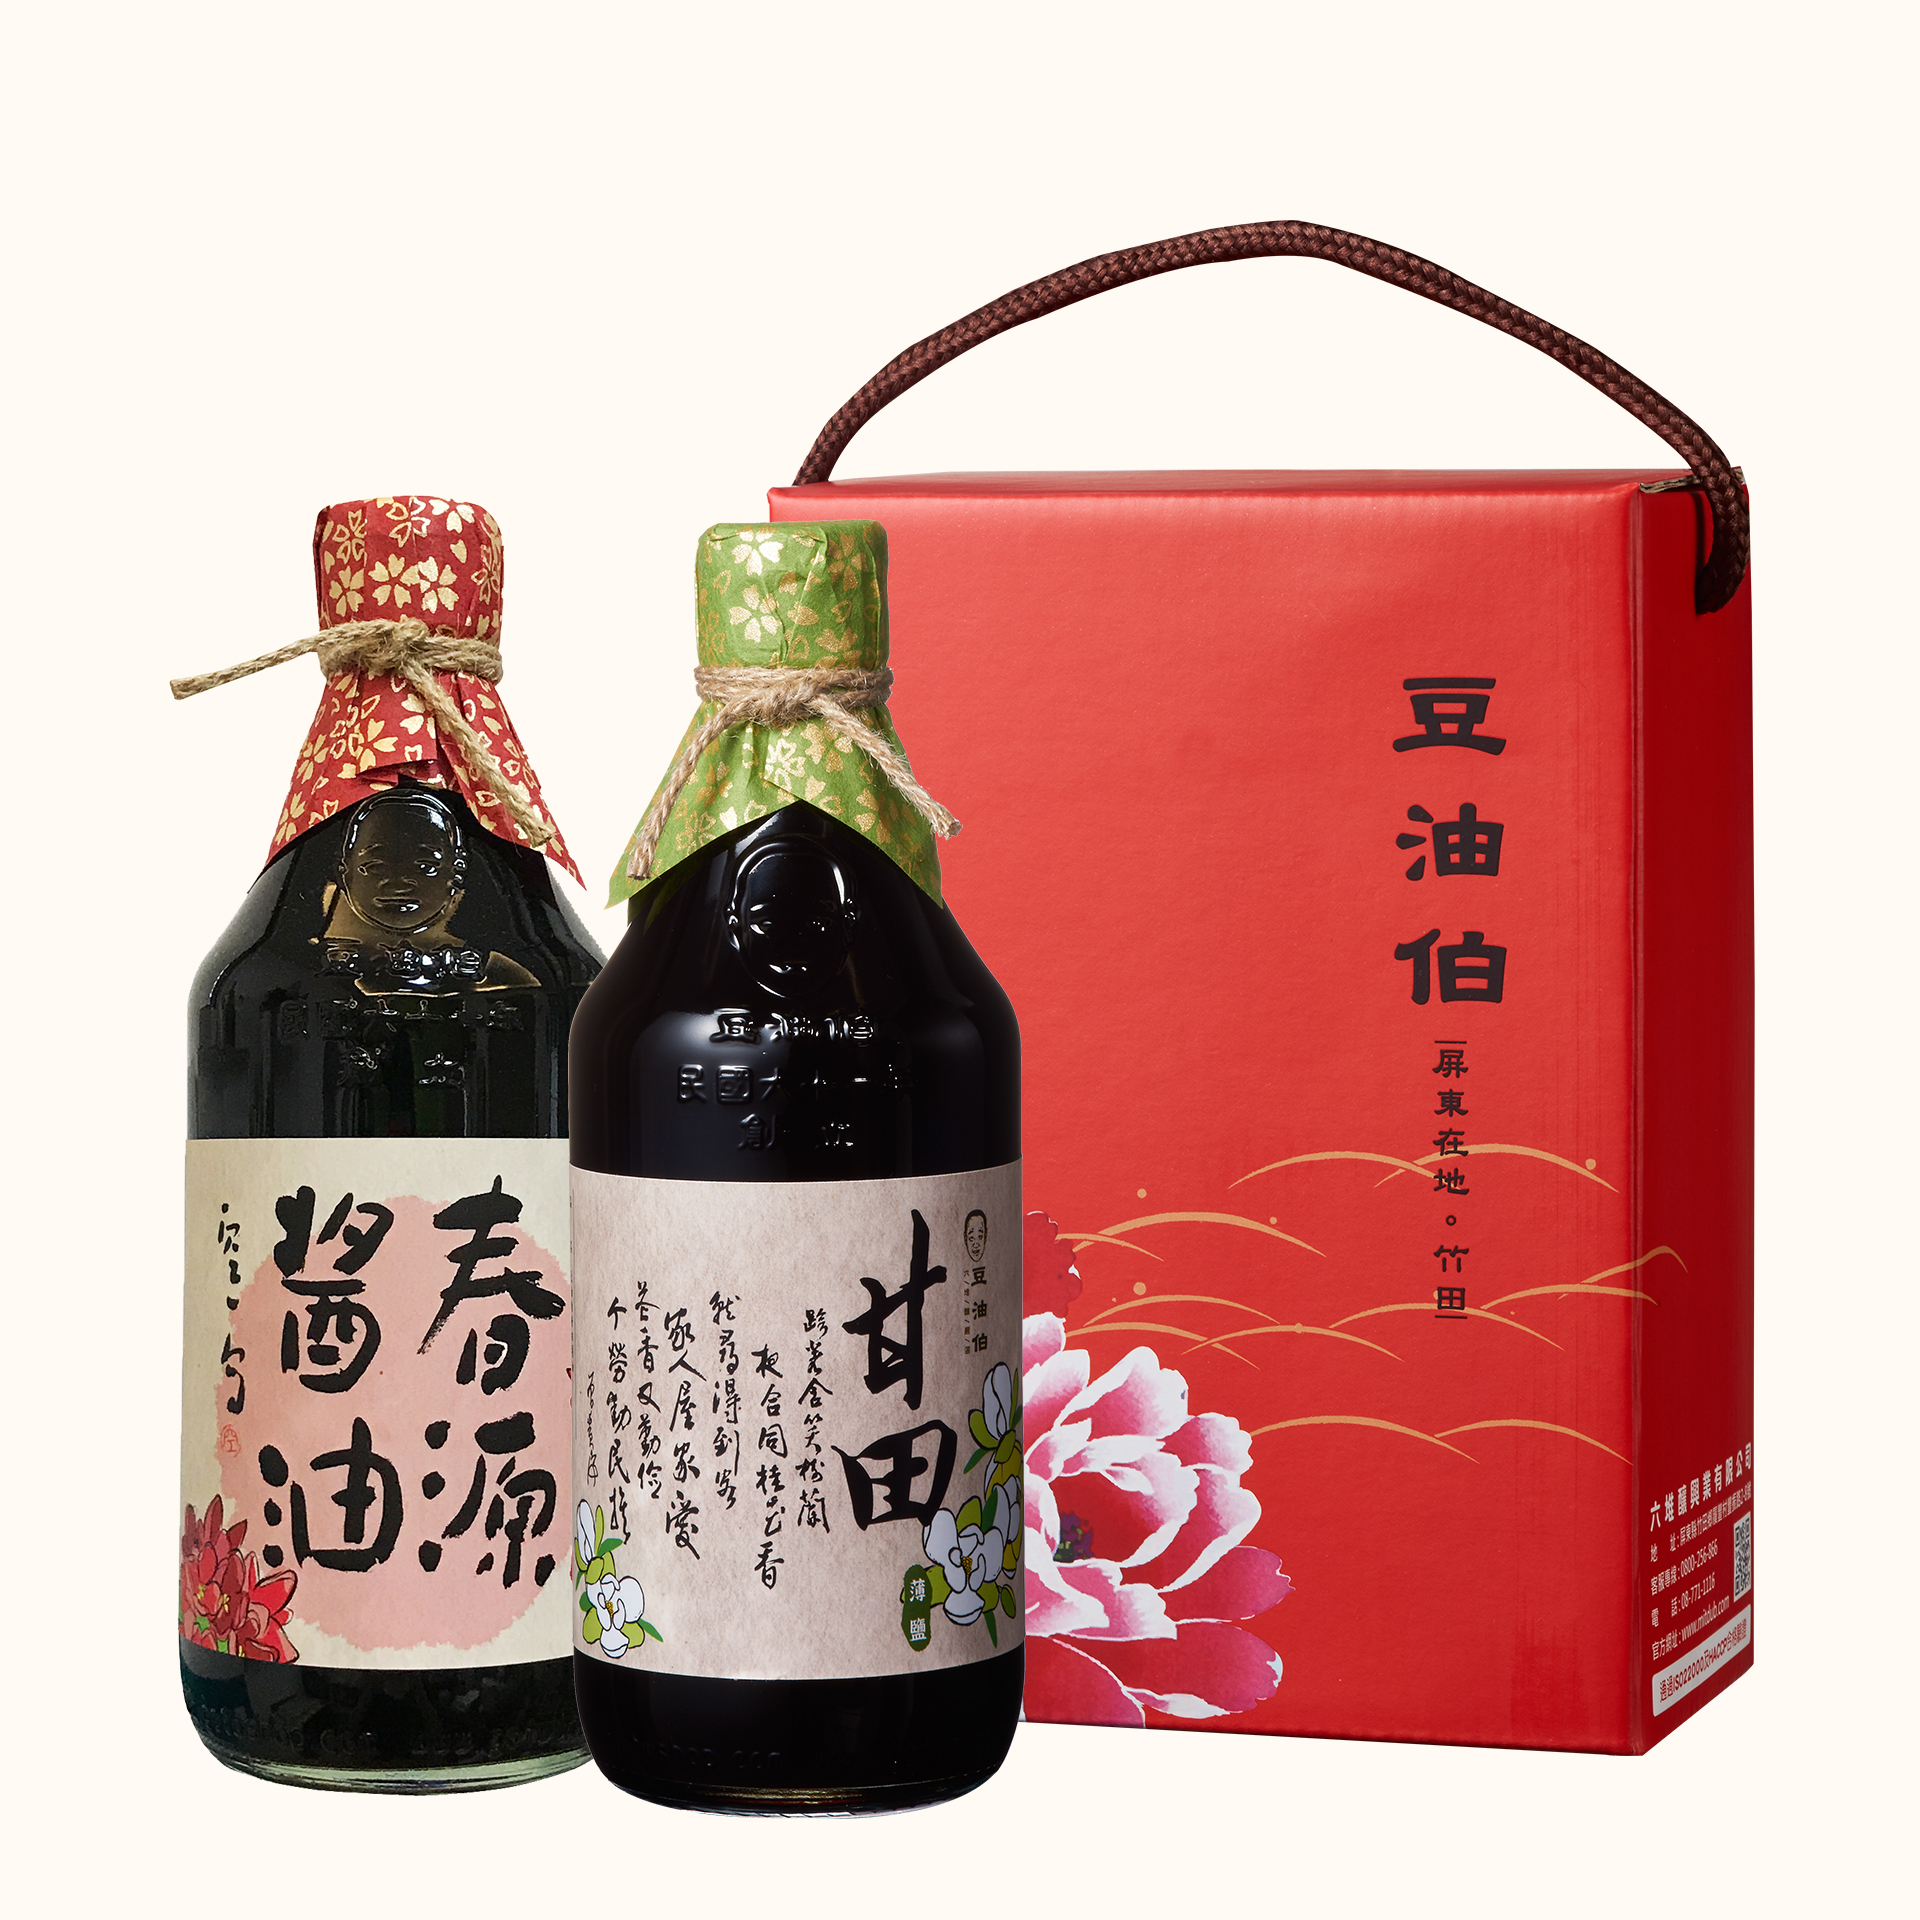 春源醬油1入+甘田醬油1入(禮盒1組,共2入)